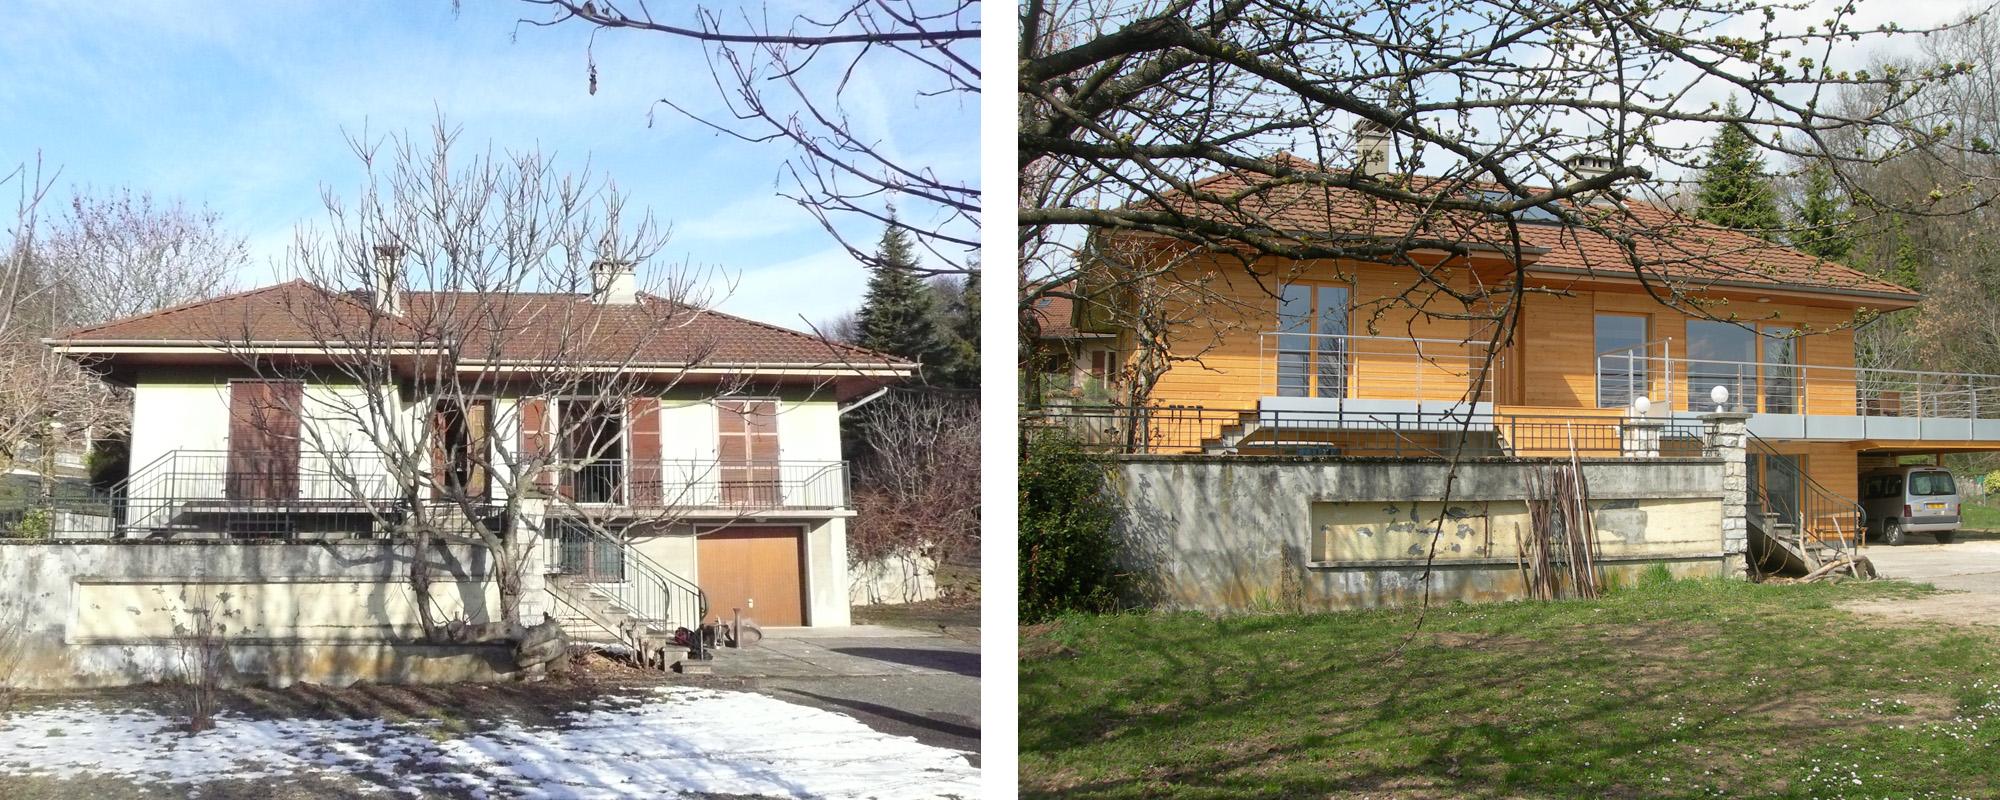 Saint Baldoph - 2010 - Rénovation thermique - Consommation énergétique divisée par 8